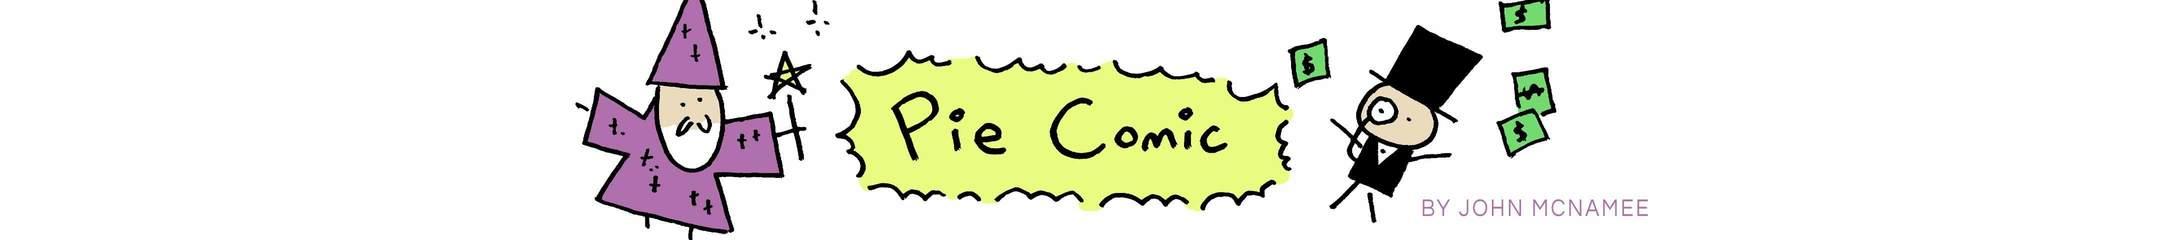 Pie Comic